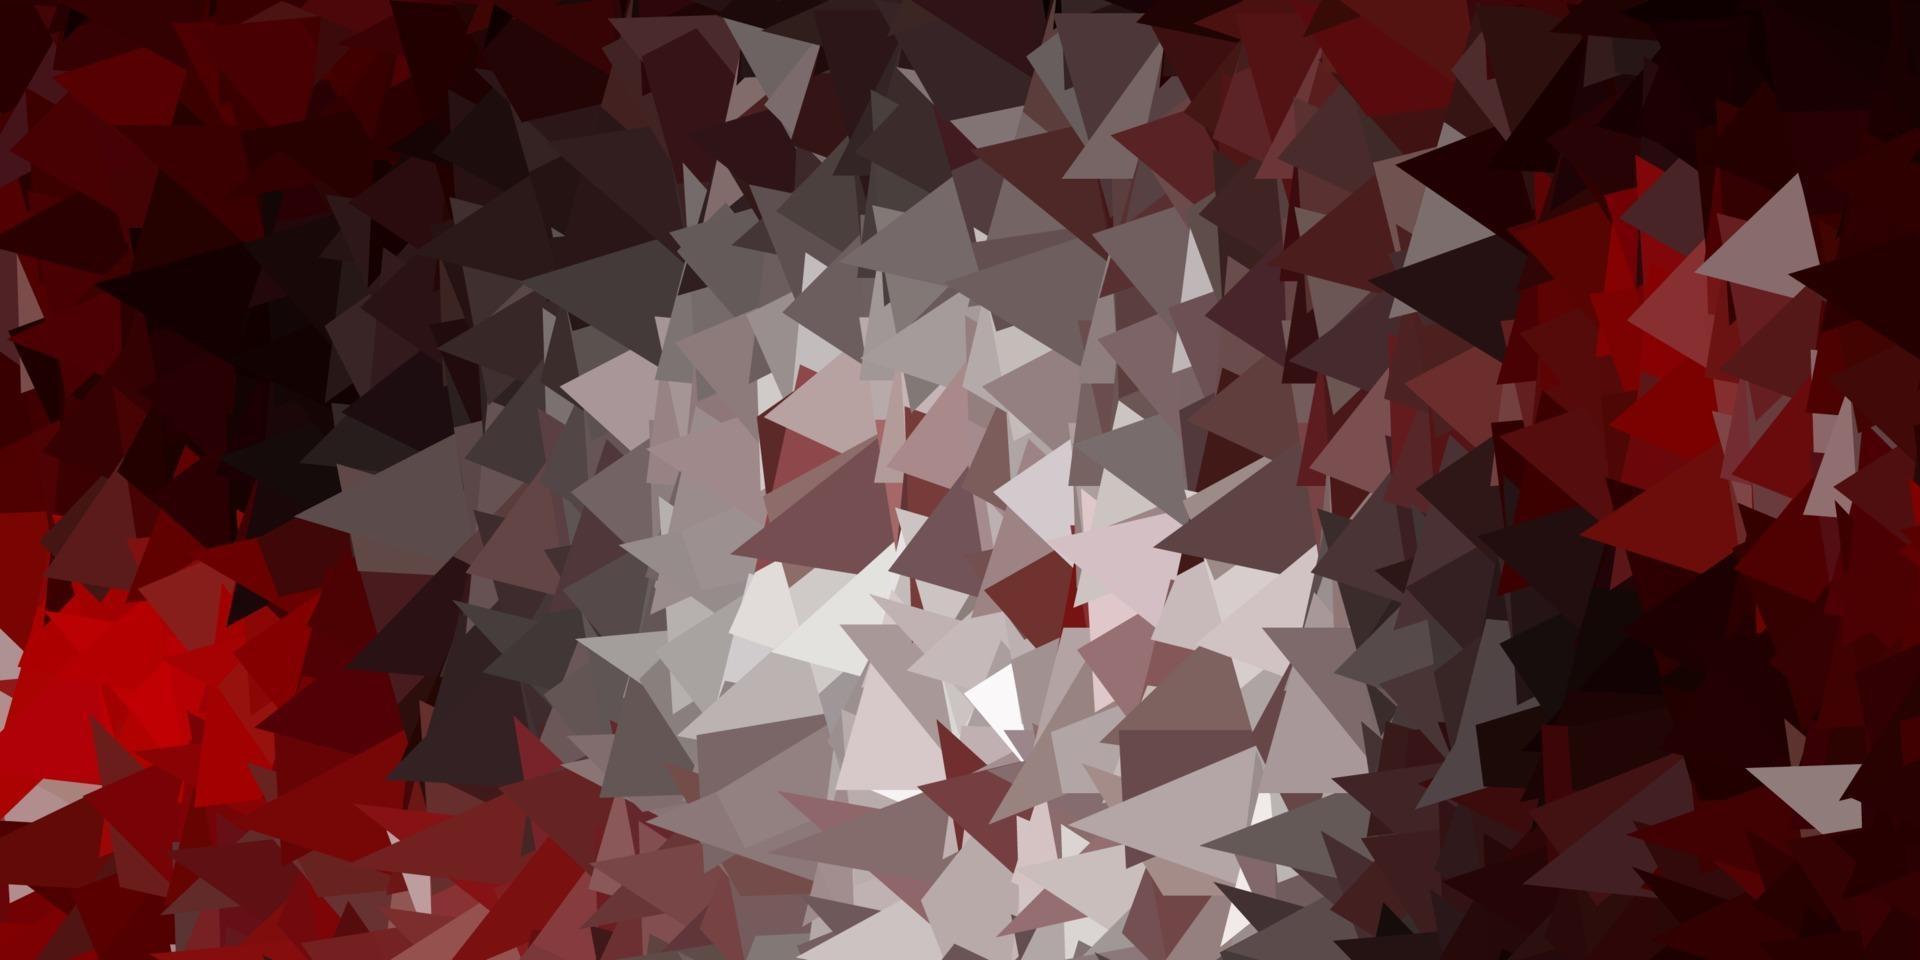 disegno poligonale geometrico di vettore rosa scuro, rosso.